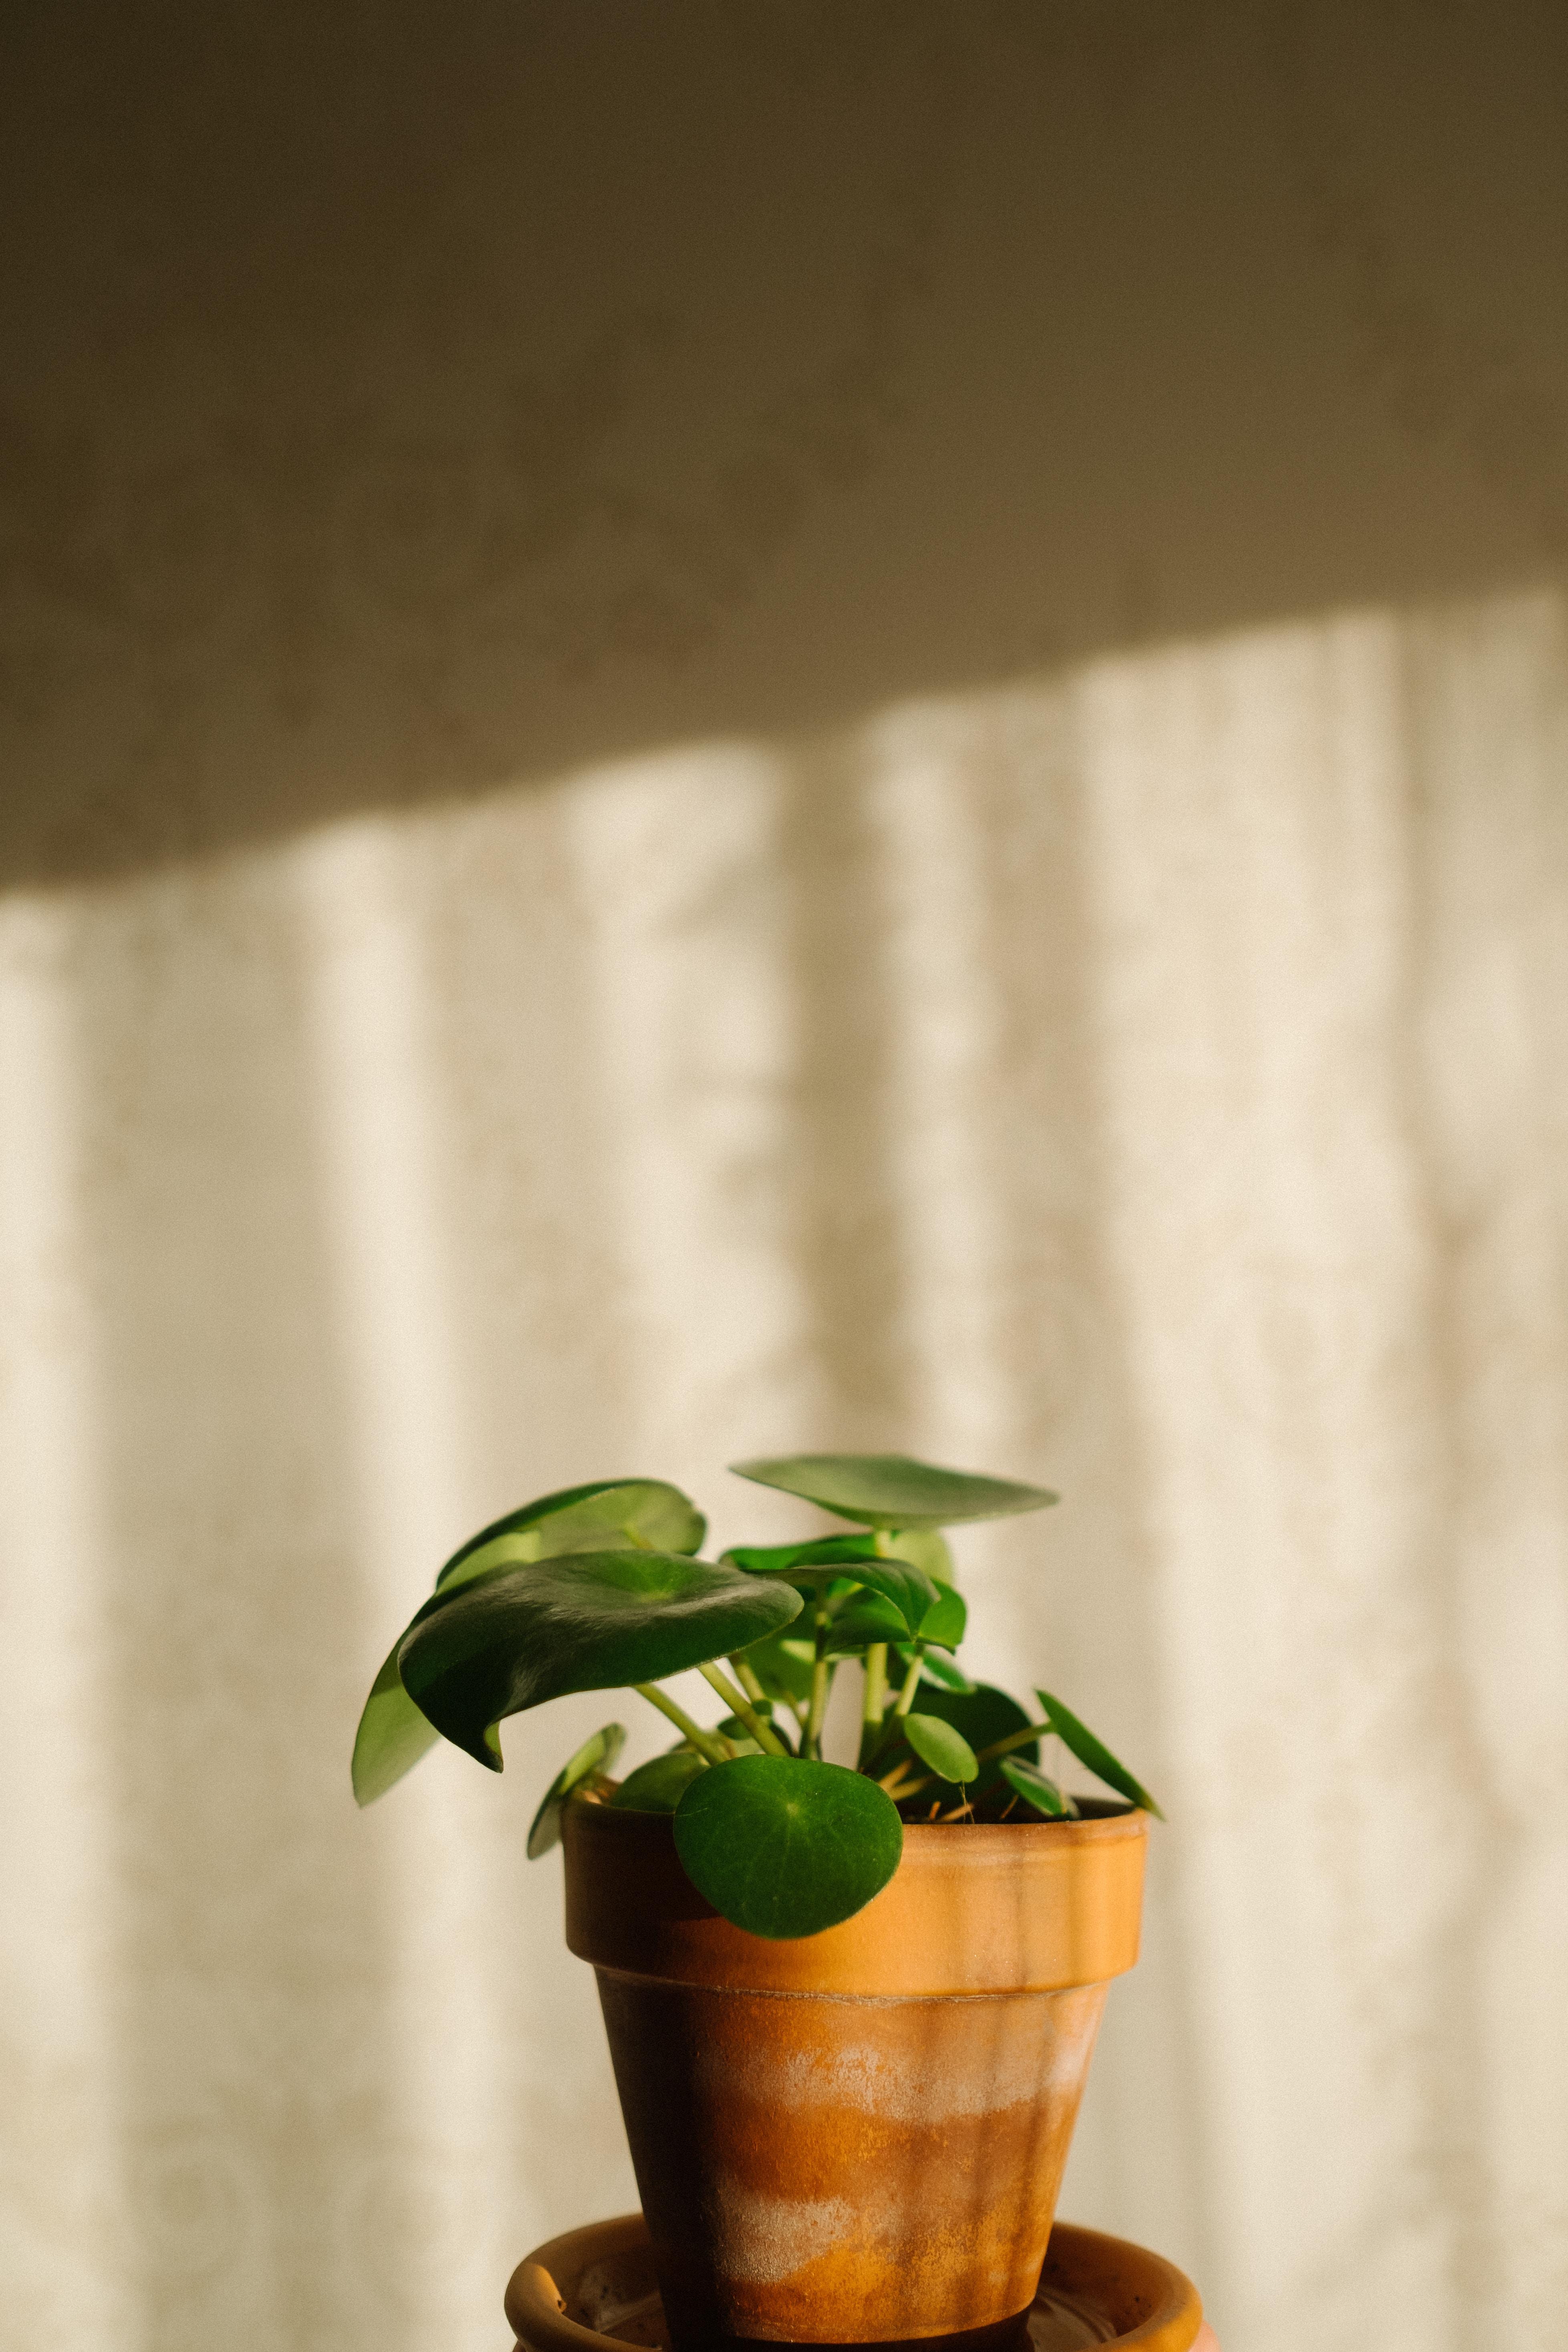 Pannenkoekplant stekken op een tafeltje